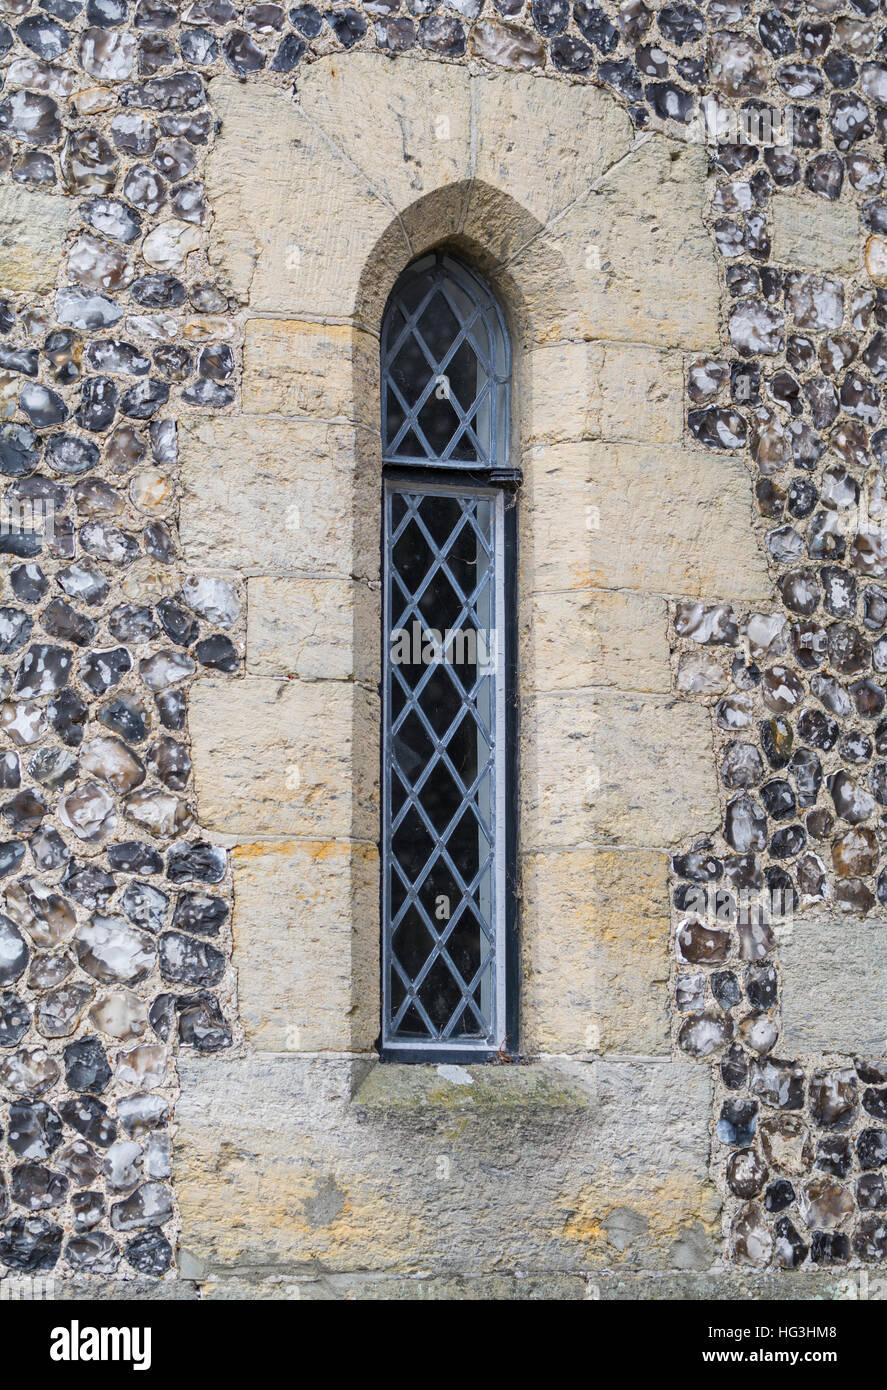 Pfeil-Schleife Fenster mit modernen Verglasungen in einer alten mittelalterlichen Burg im Vereinigten Königreich. Stockbild